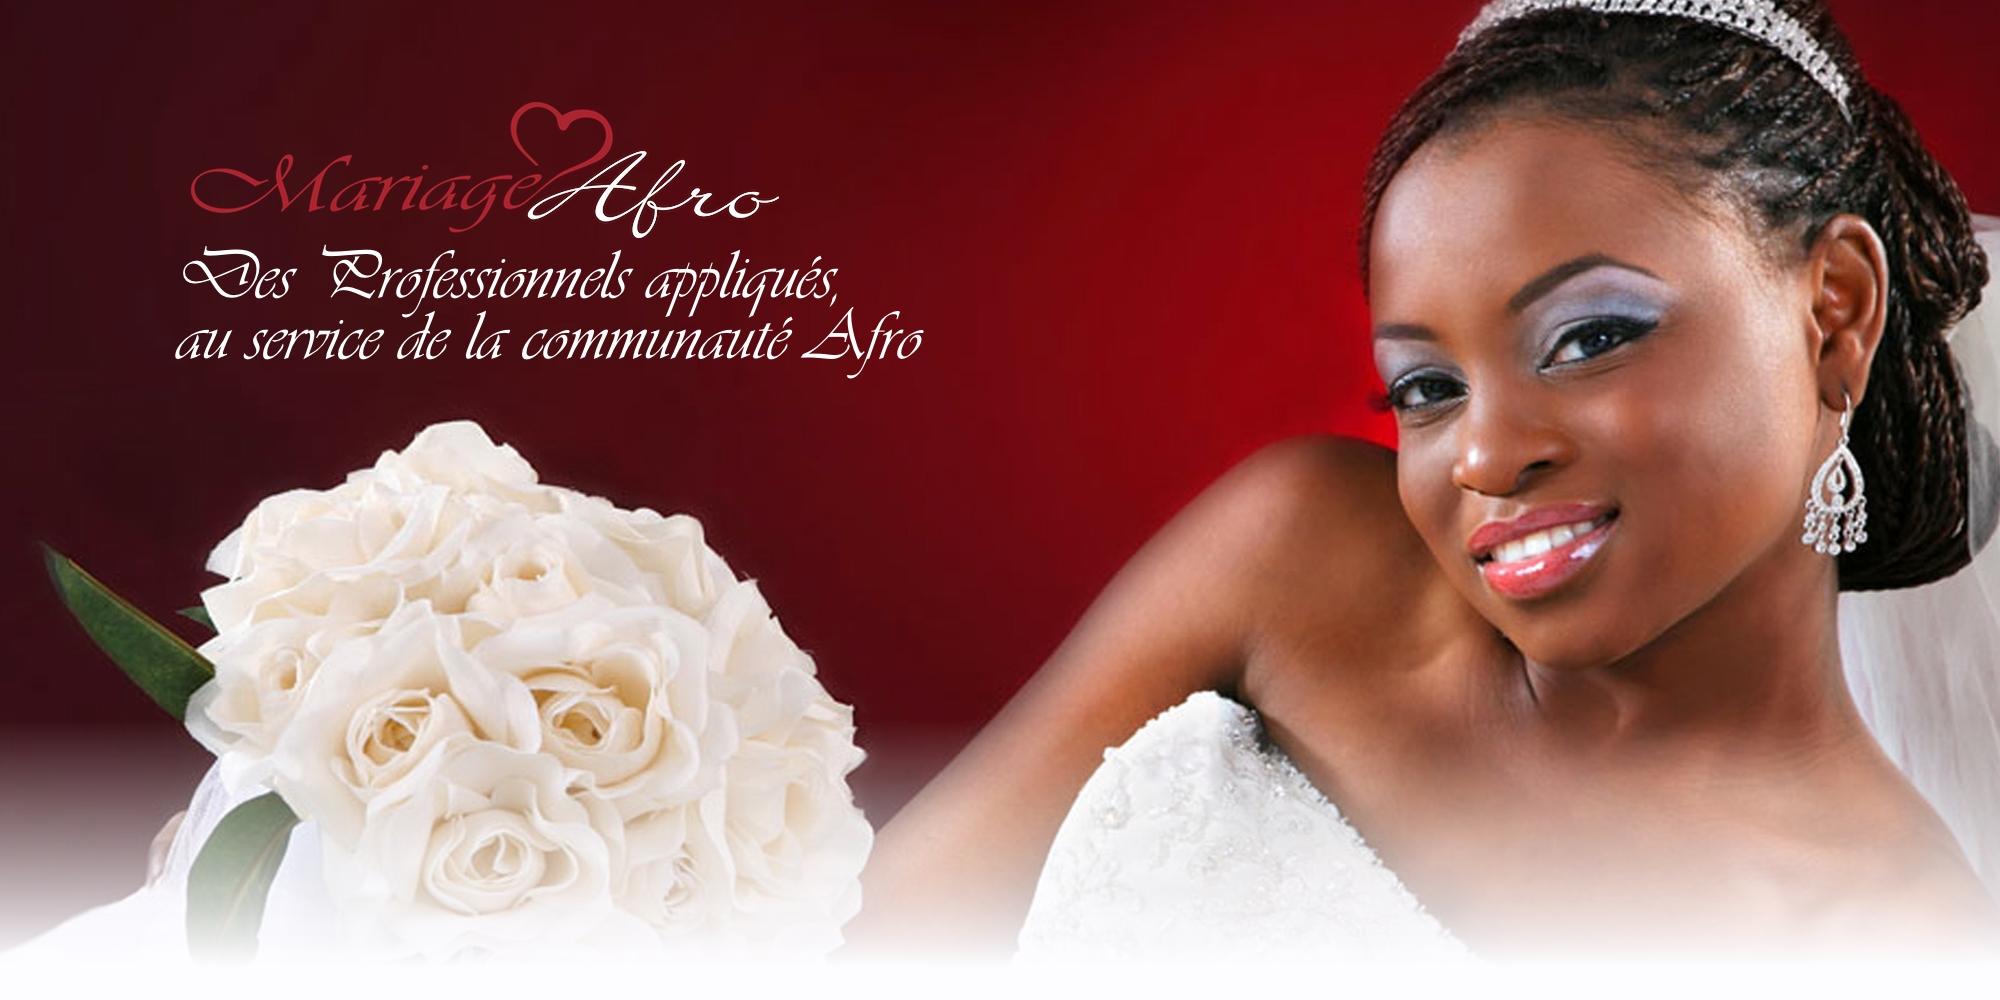 Mariage traditionnel africain et mariage mixte - 80 ans de mariage noce de quoi ...